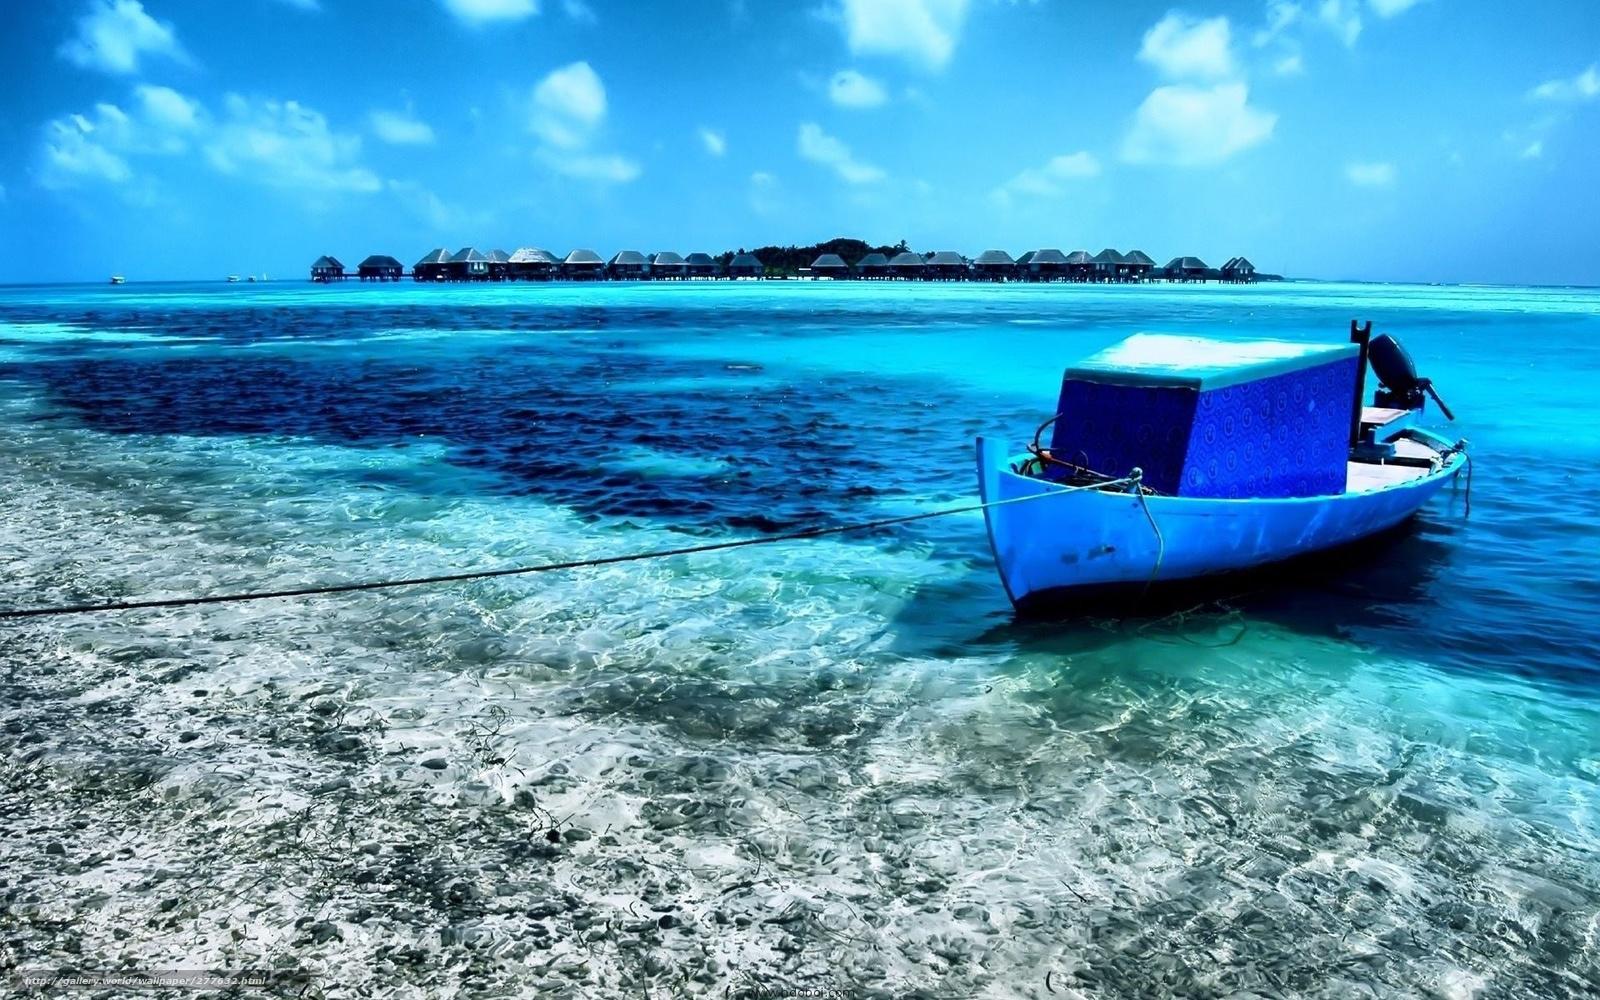 Картинки синее море - 6